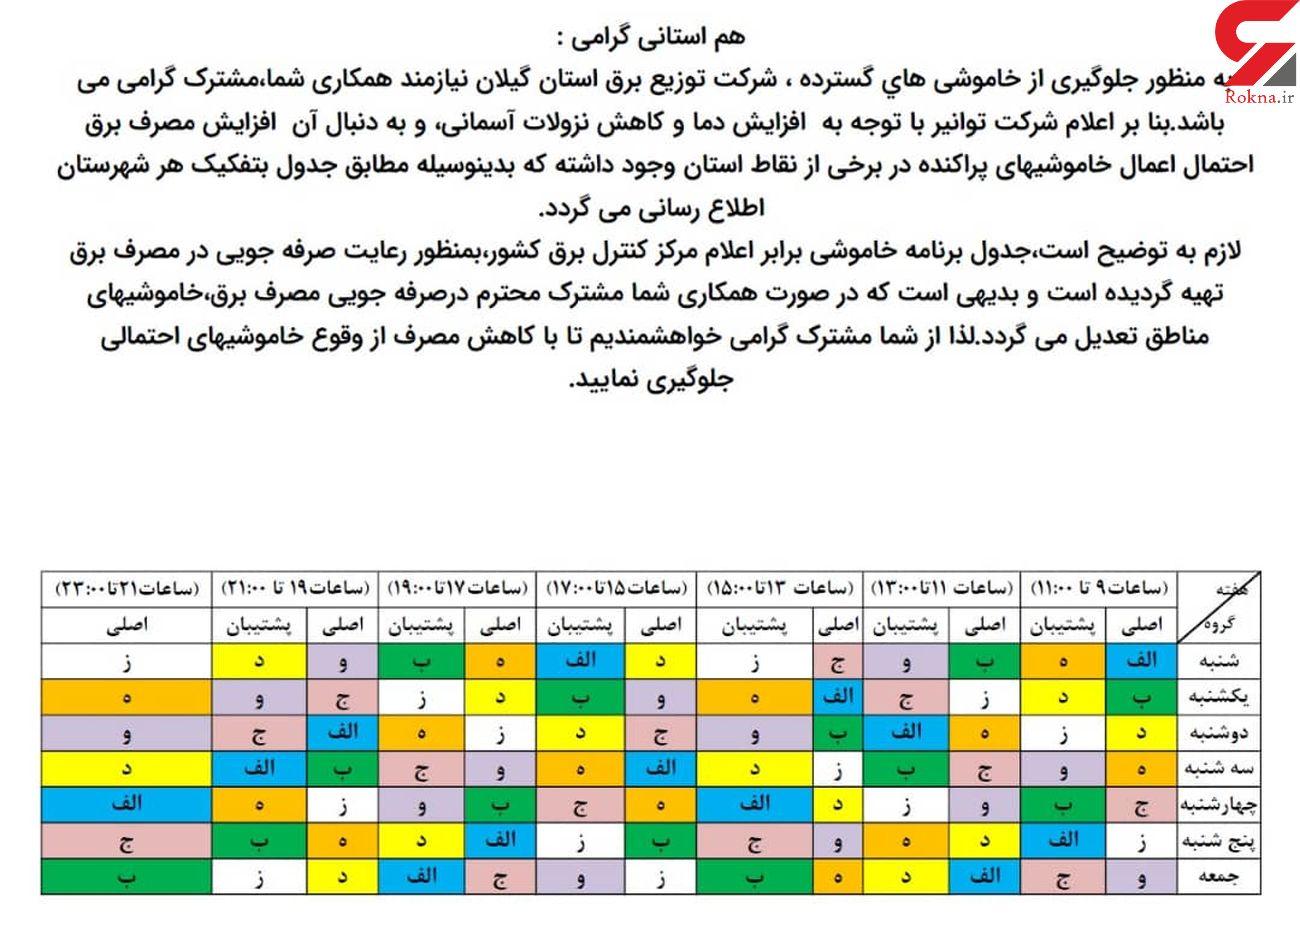 جدول زمانبندی خاموشی استان گیلان تا تاریخ 7 خرداد منتشر شد/به همراه جزئیات